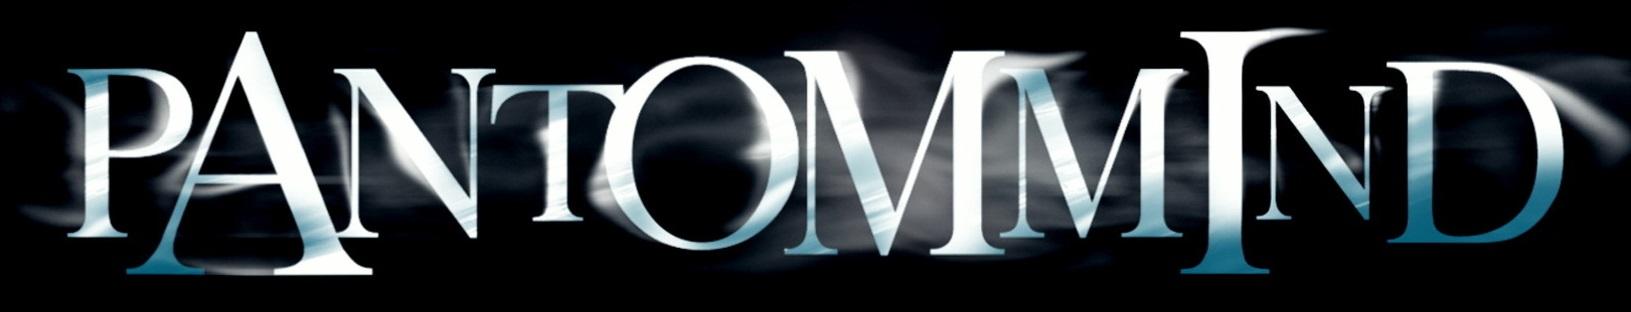 Pantommind - Logo